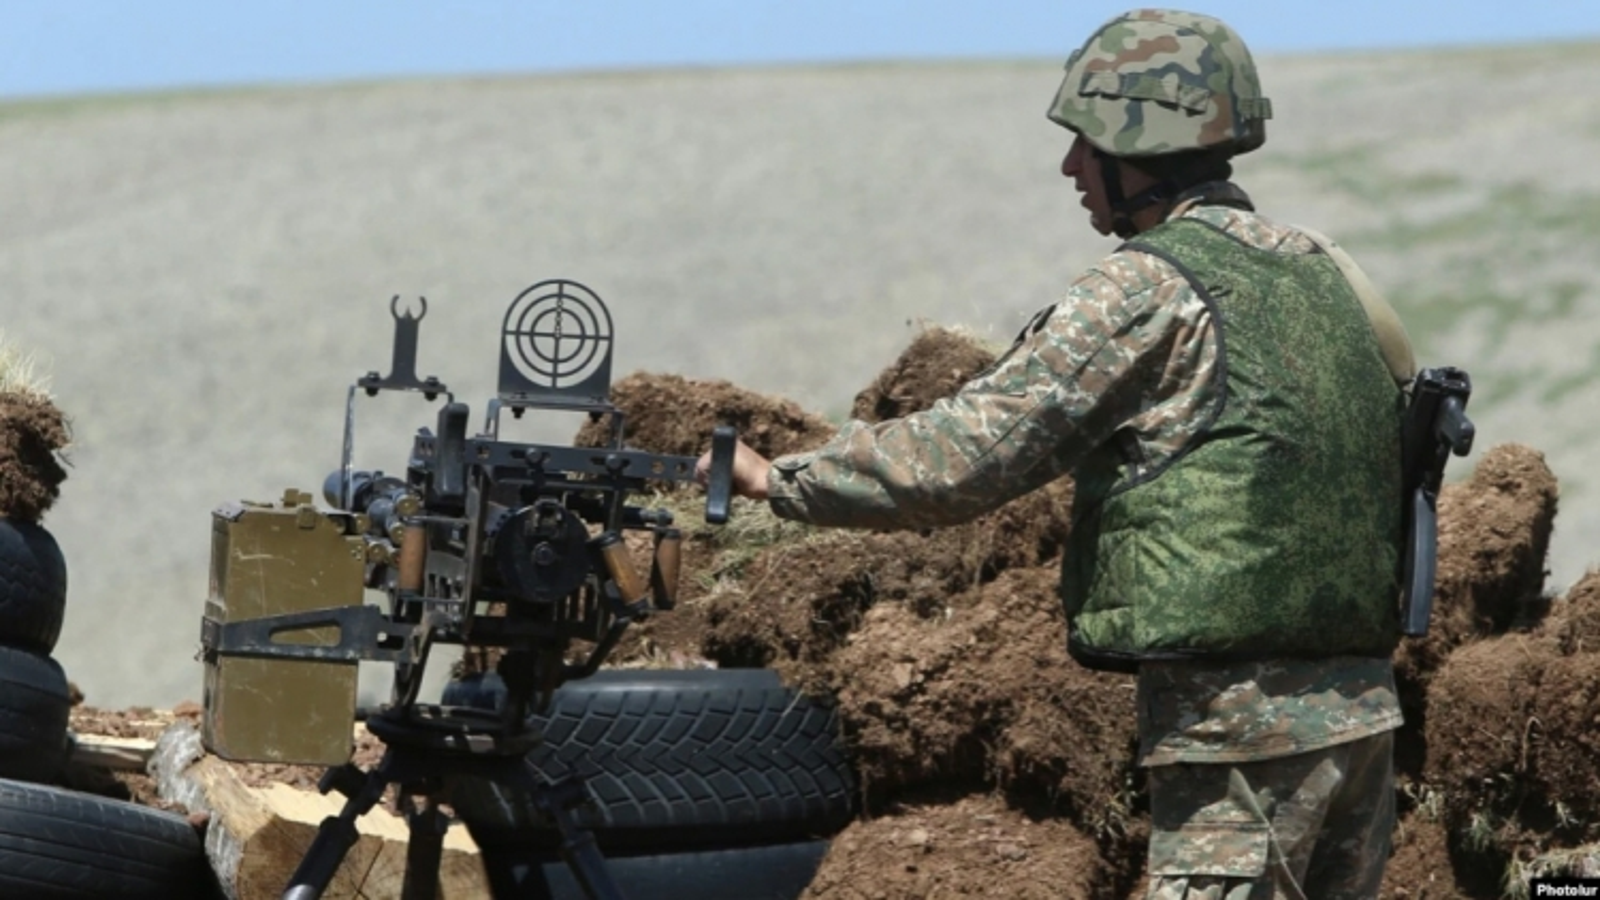 Azerbaijan cáo buộc Armenia pháo kích khiến binh sĩ bị thương